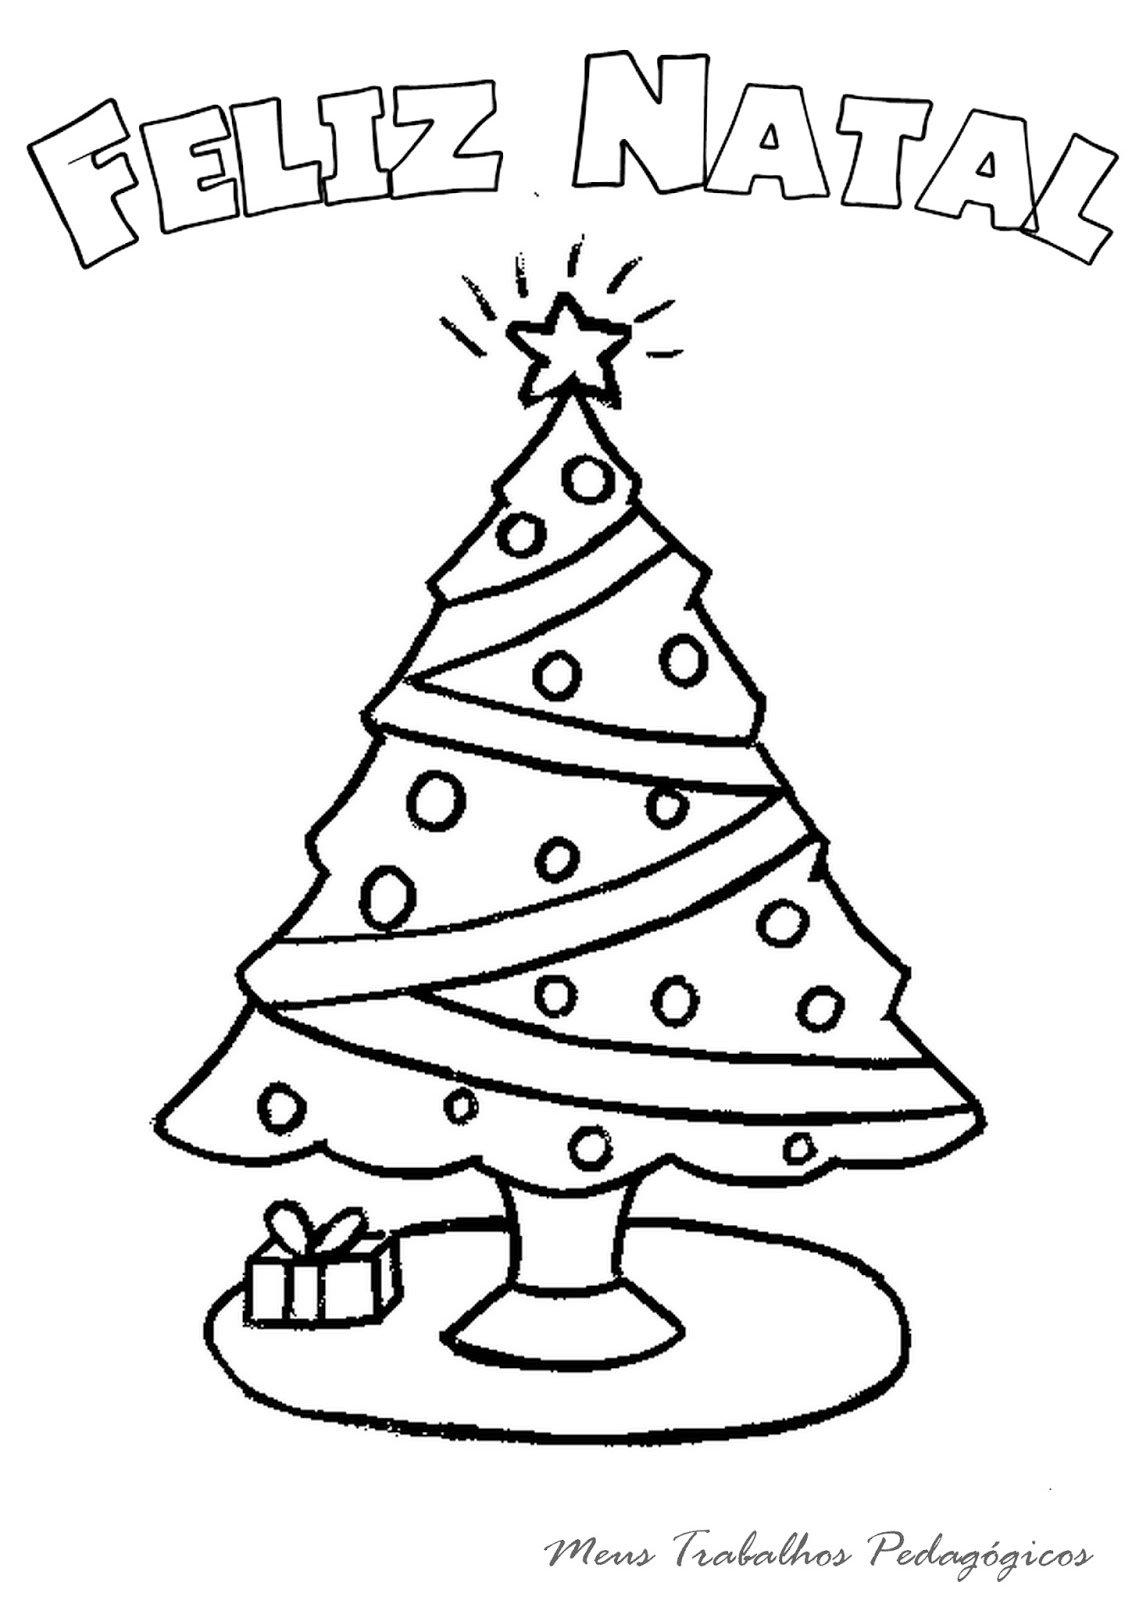 Meus Trabalhos Pedagógicos ®  Desenhos De árvore De Natal Para Colorir